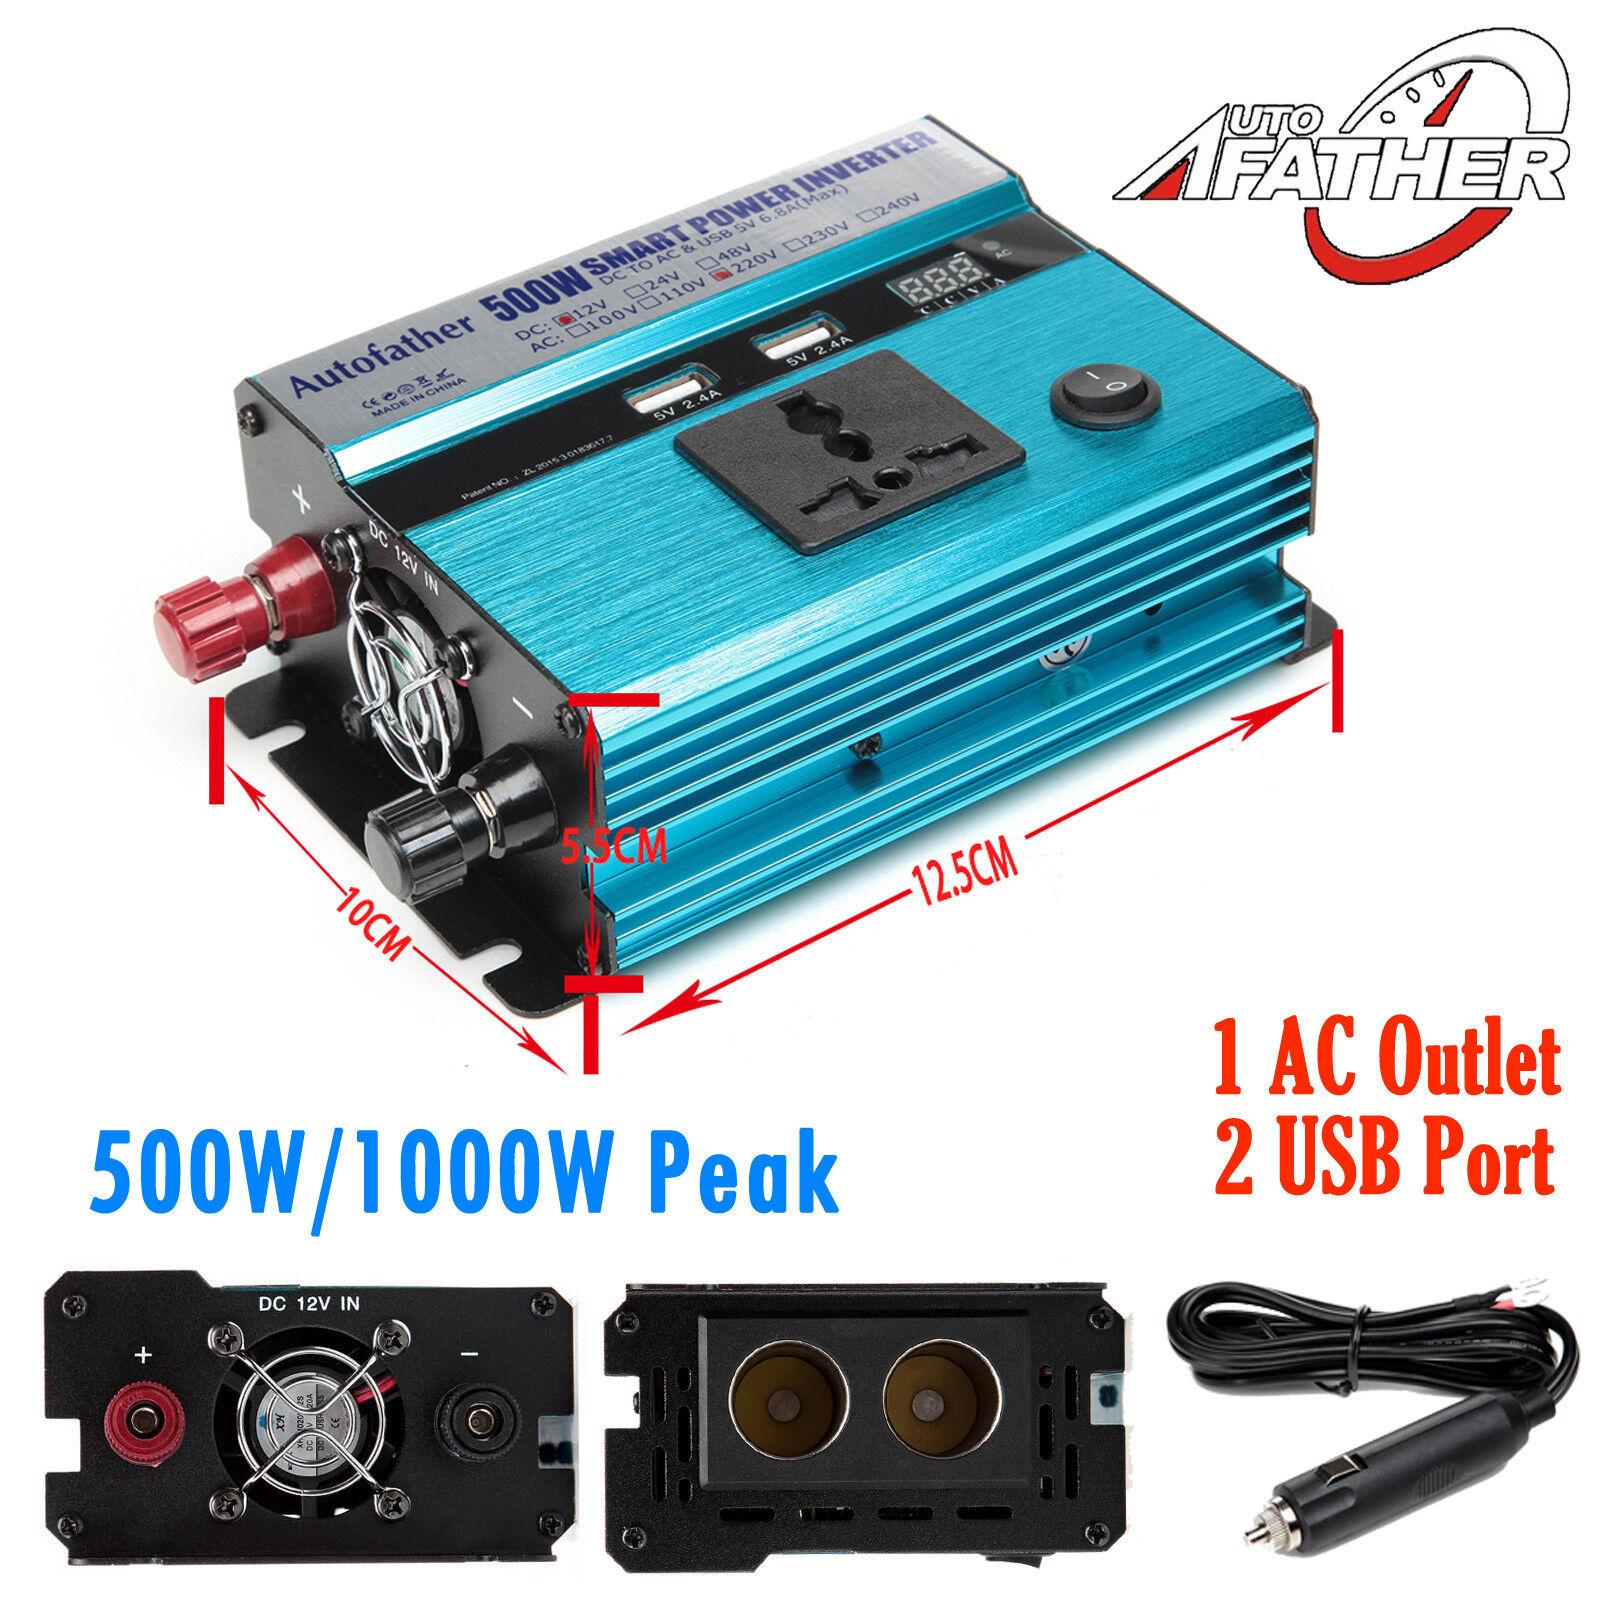 500W-4000W Wechselrichter Wechselrichter Wechselrichter Spannungswandler 12V auf 220V Auto Konverter Inverter dba675